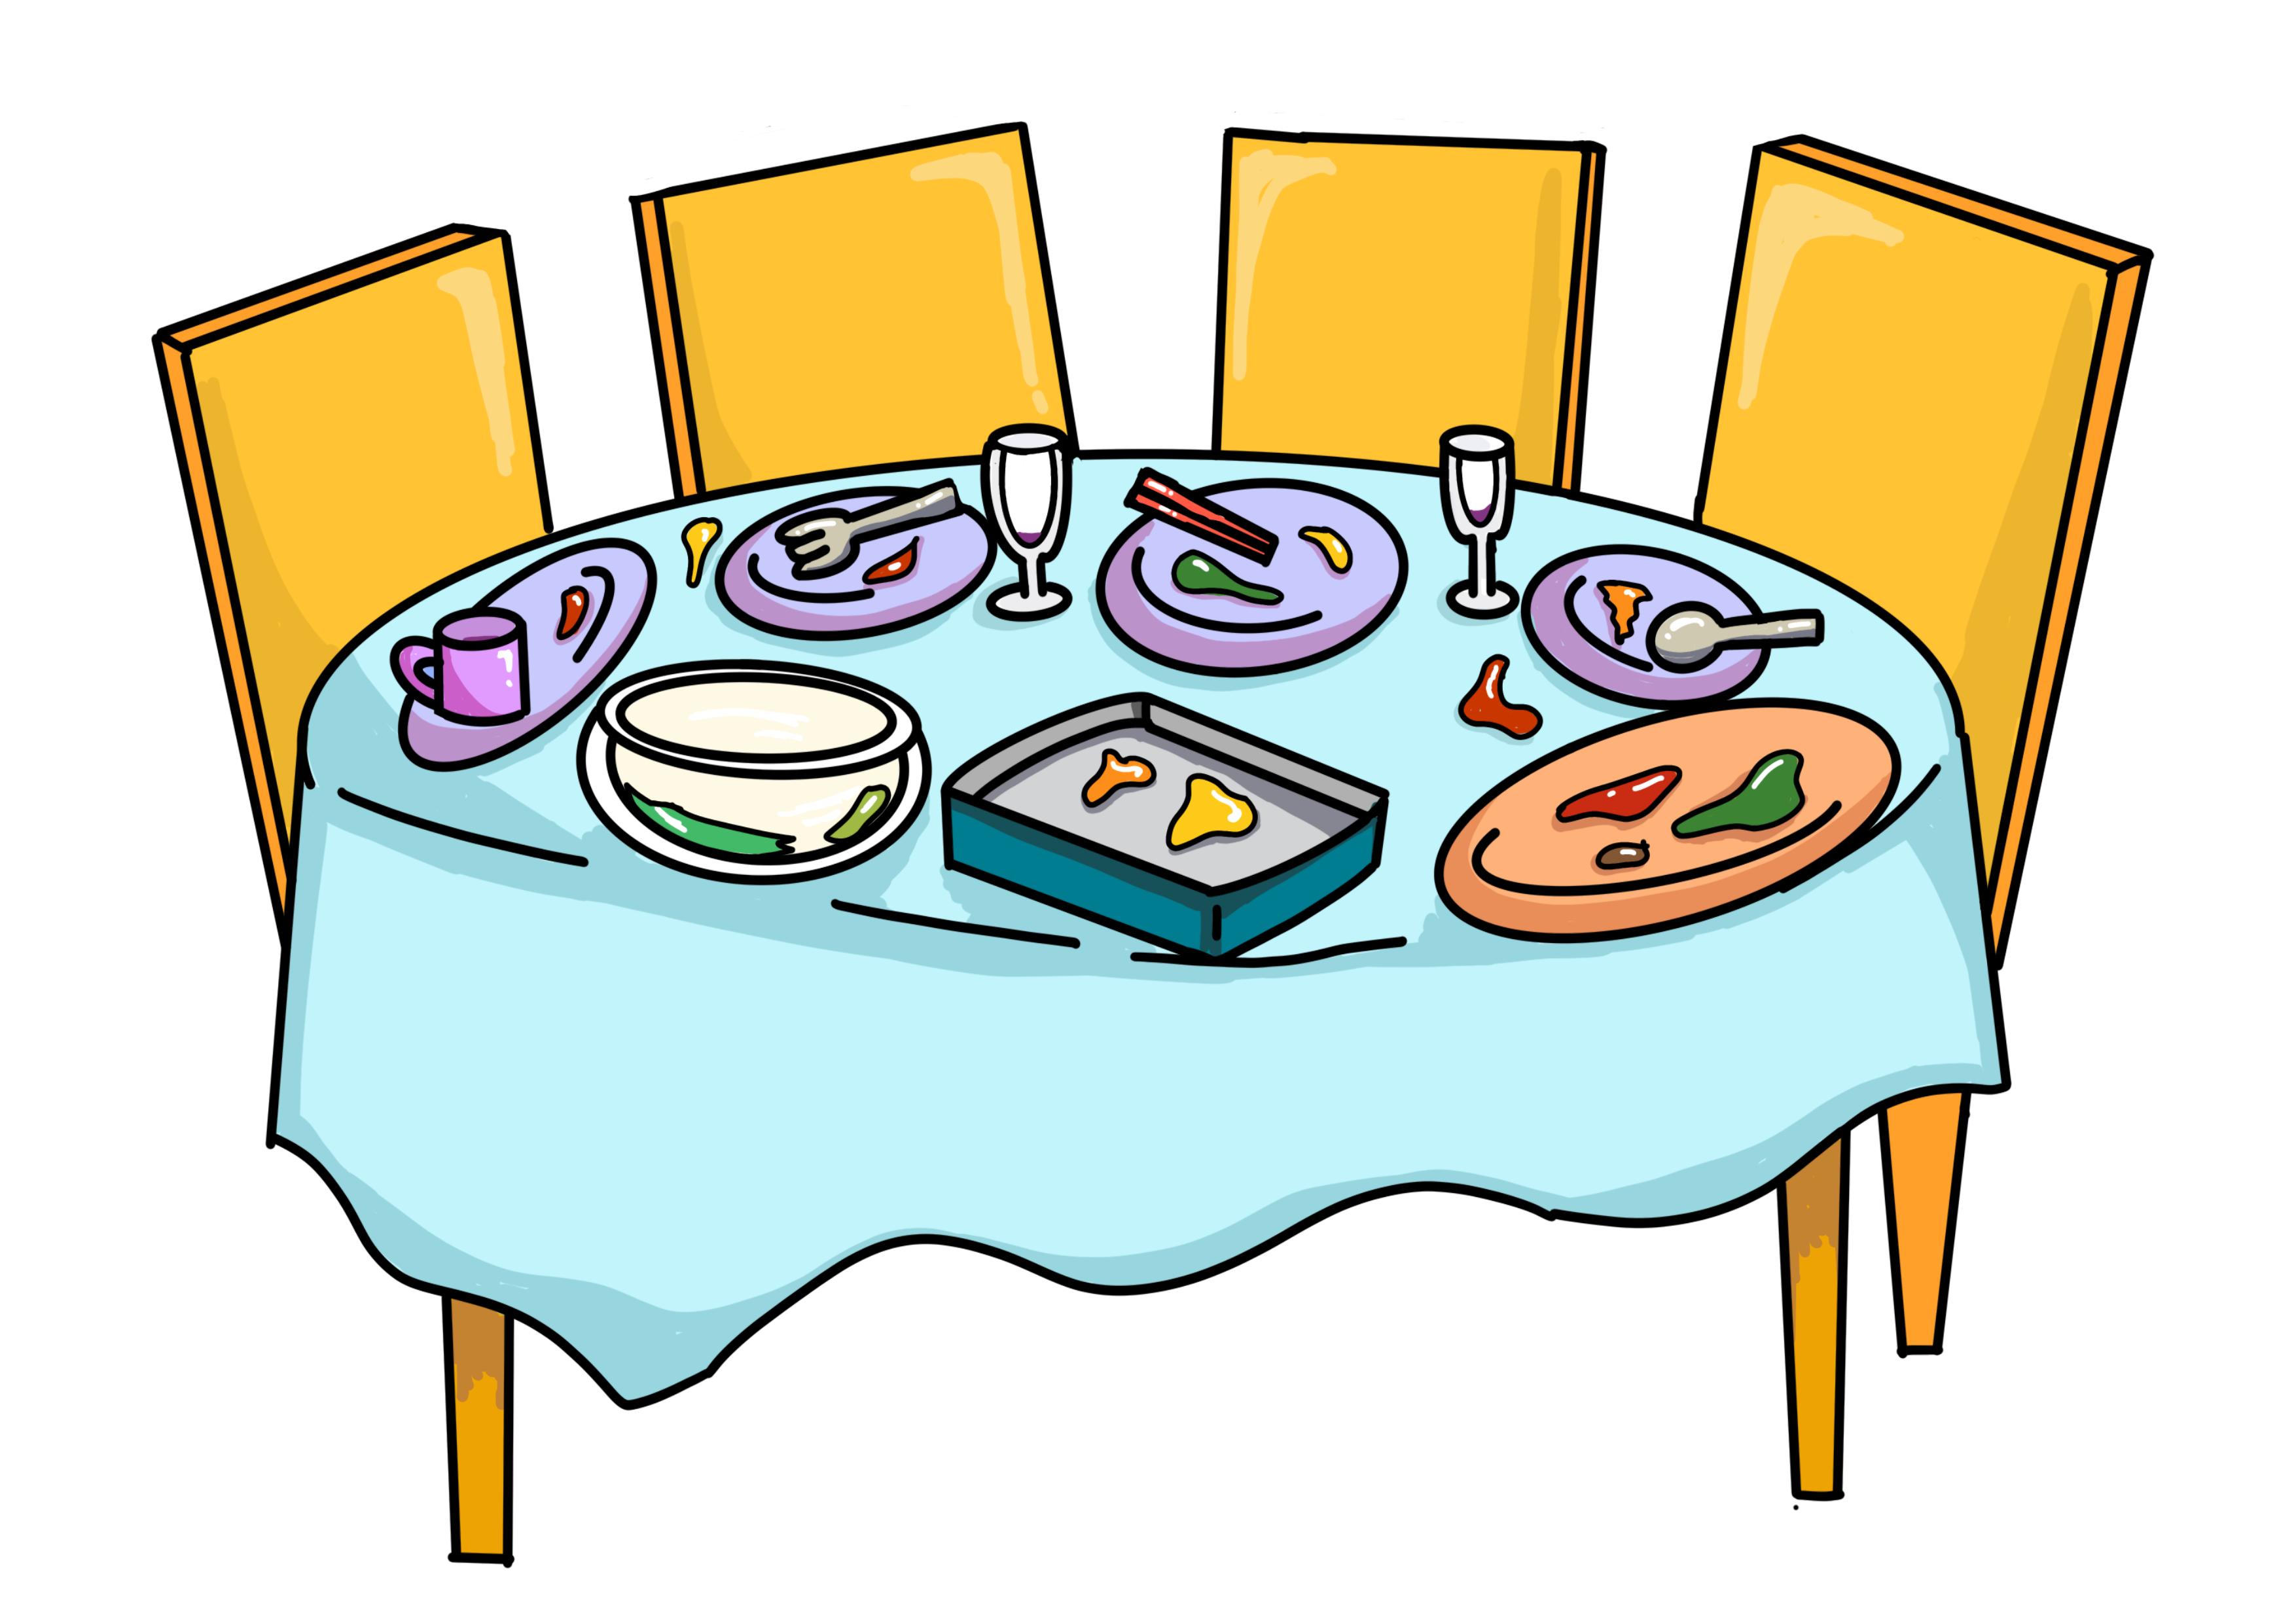 30課イラスト【食事の後そのままにする】